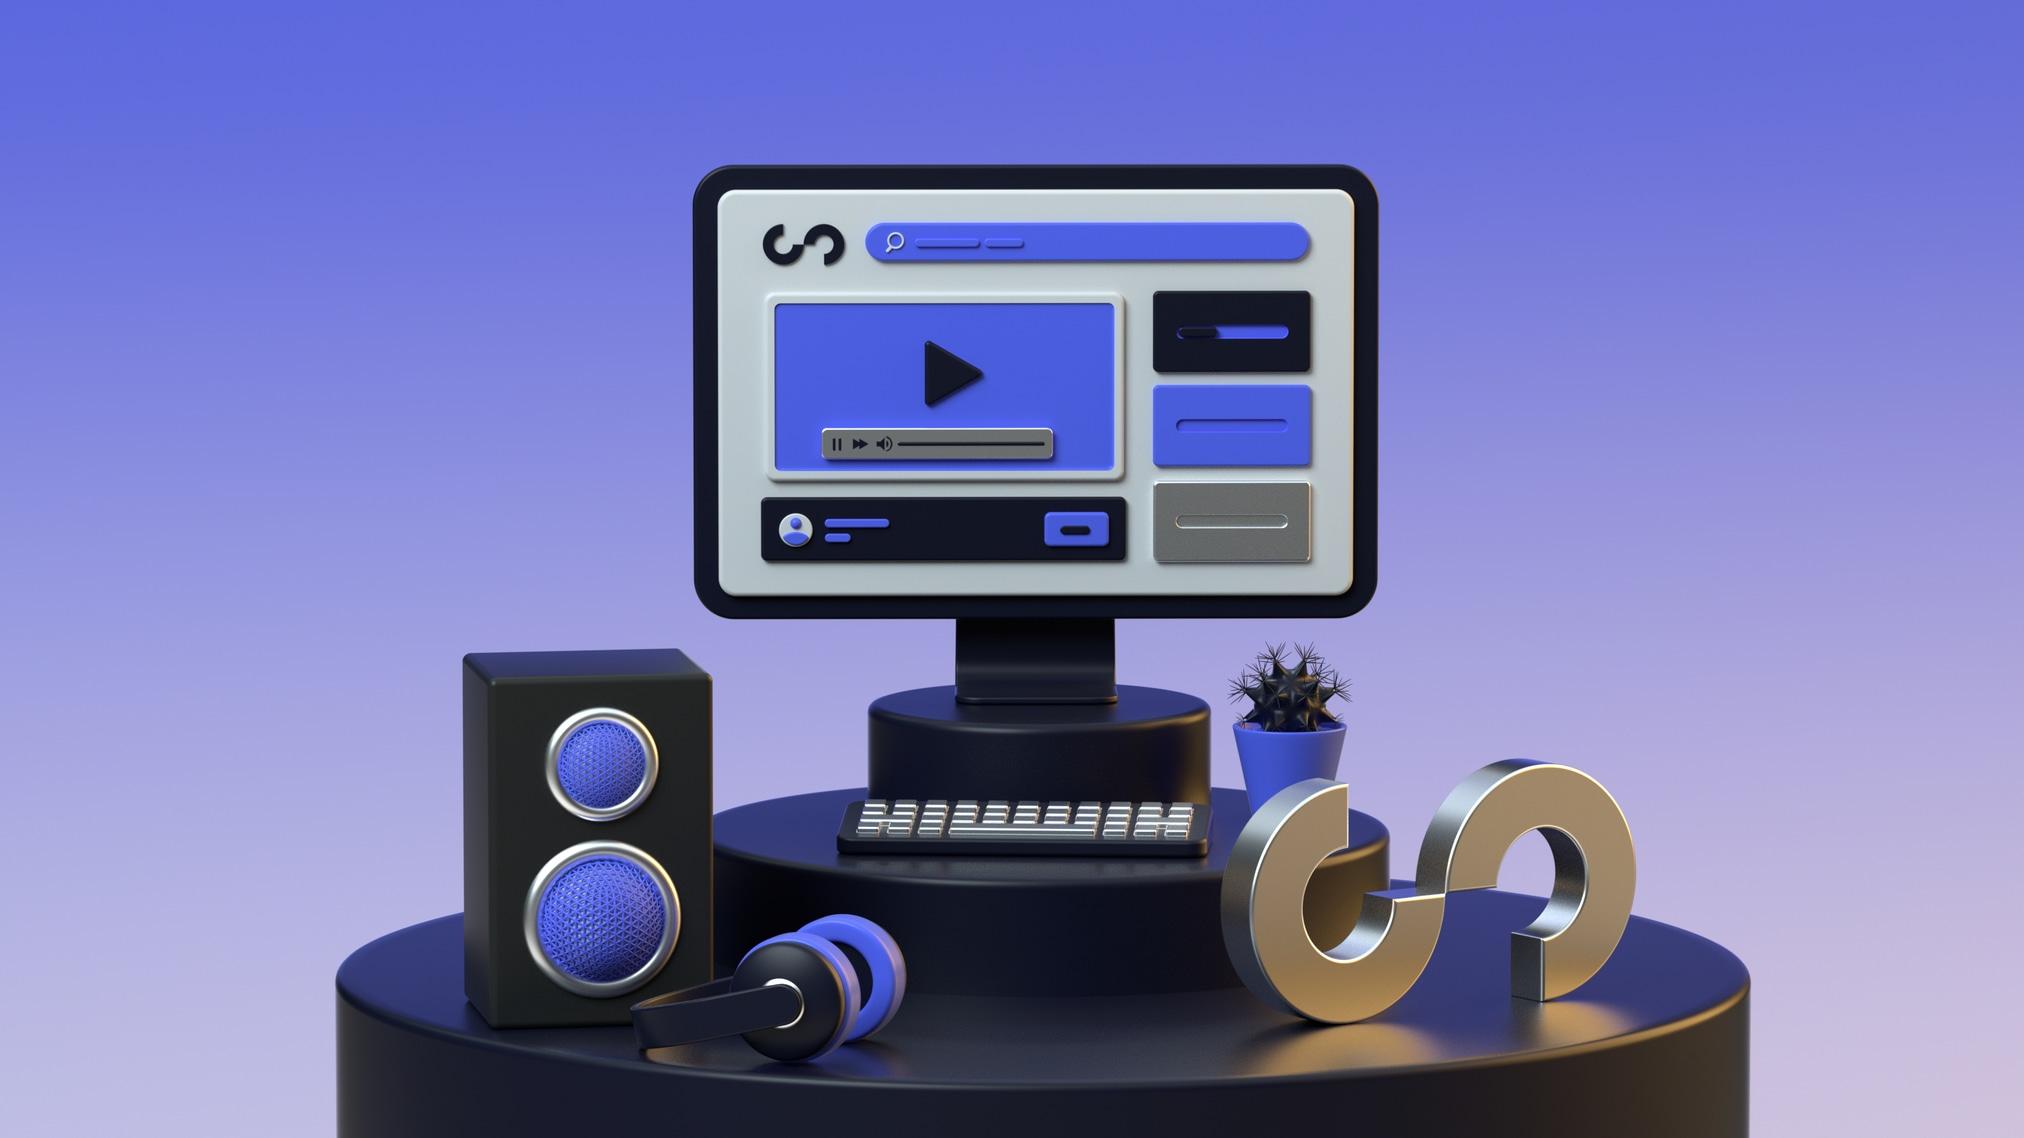 The next artist management software